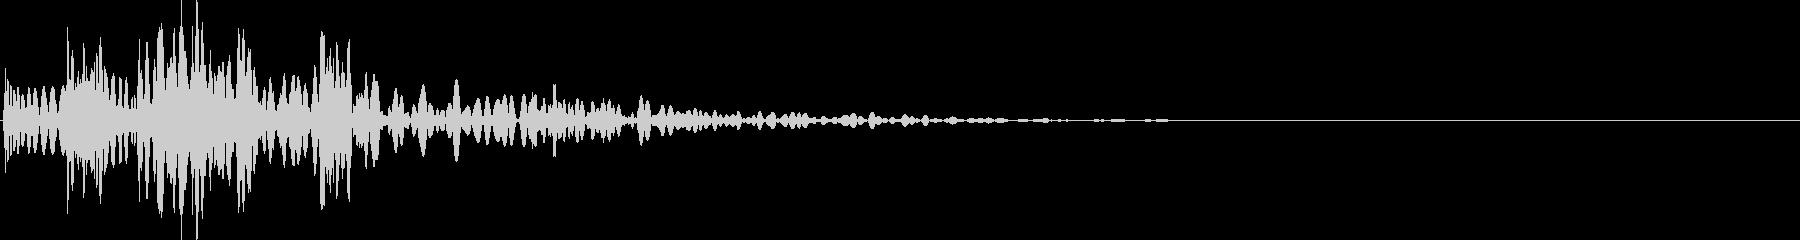 ピュイッボボン(火炎瓶・火炎弾・手榴弾)の未再生の波形